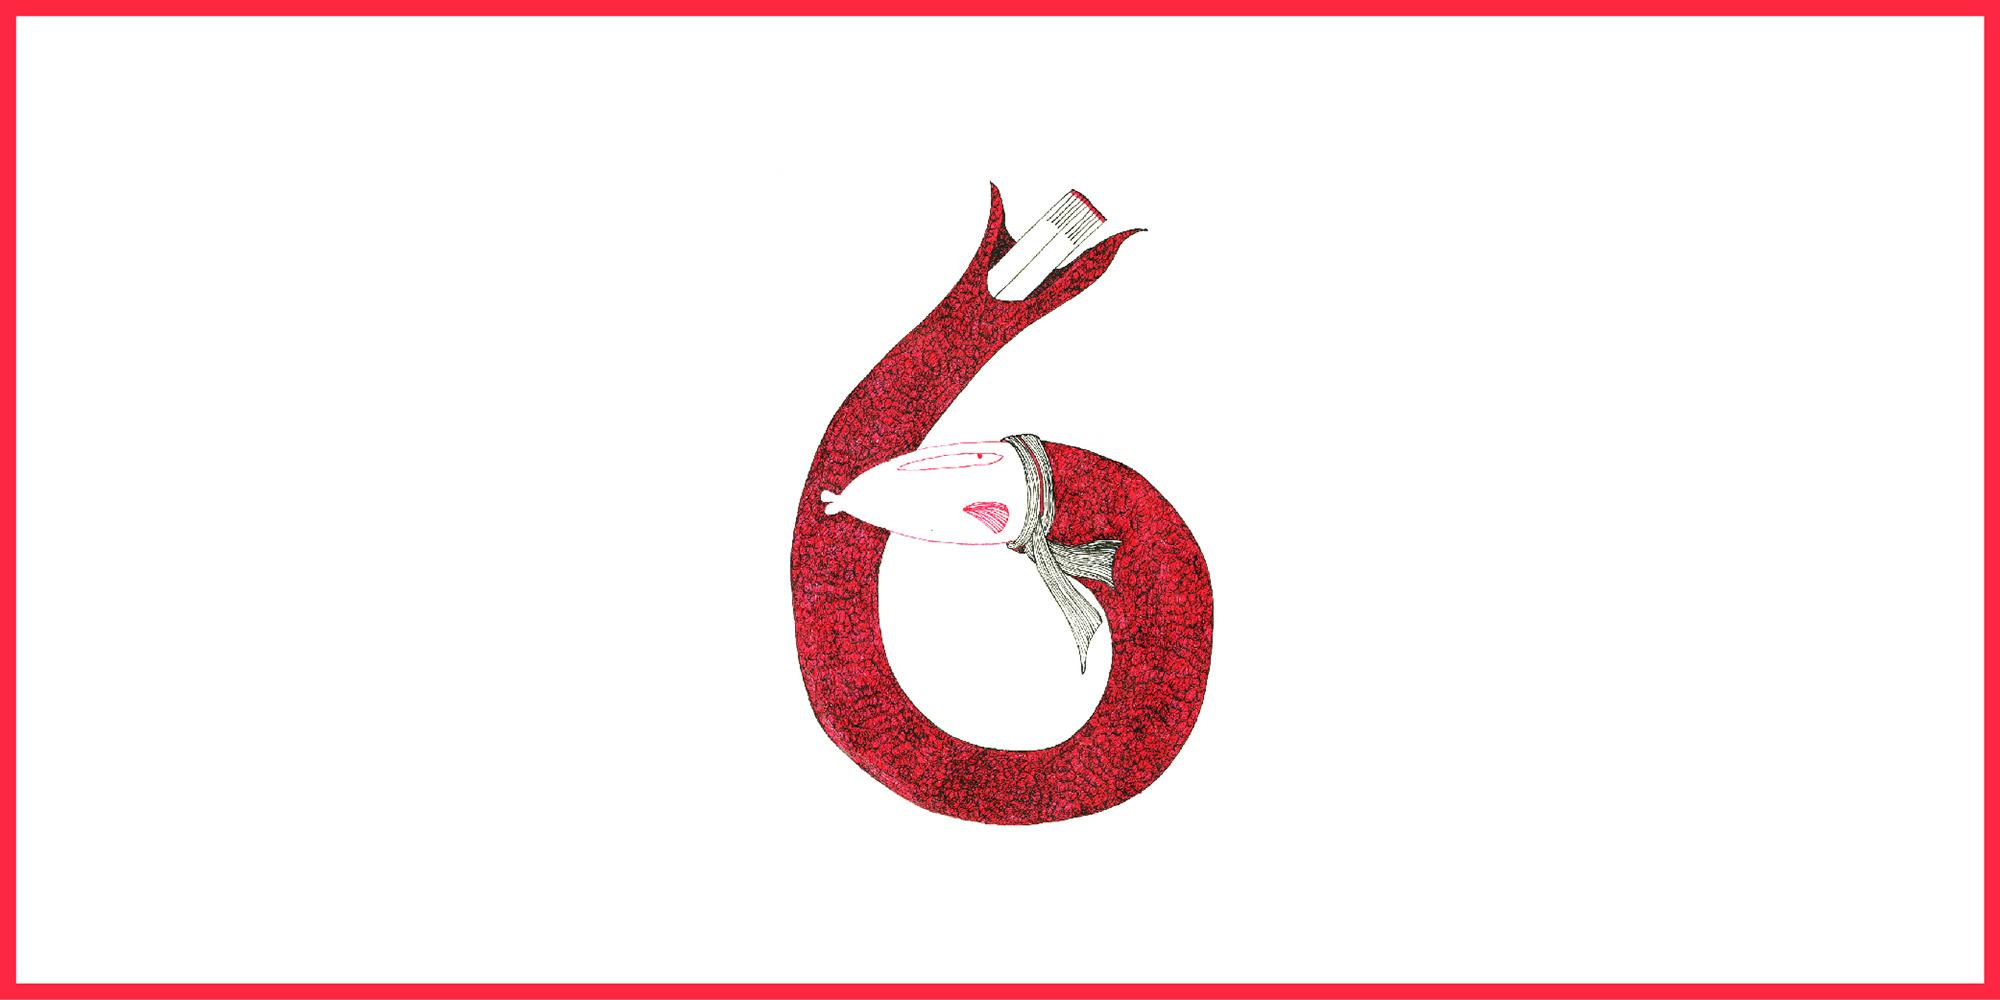 鱼形数字设计图片